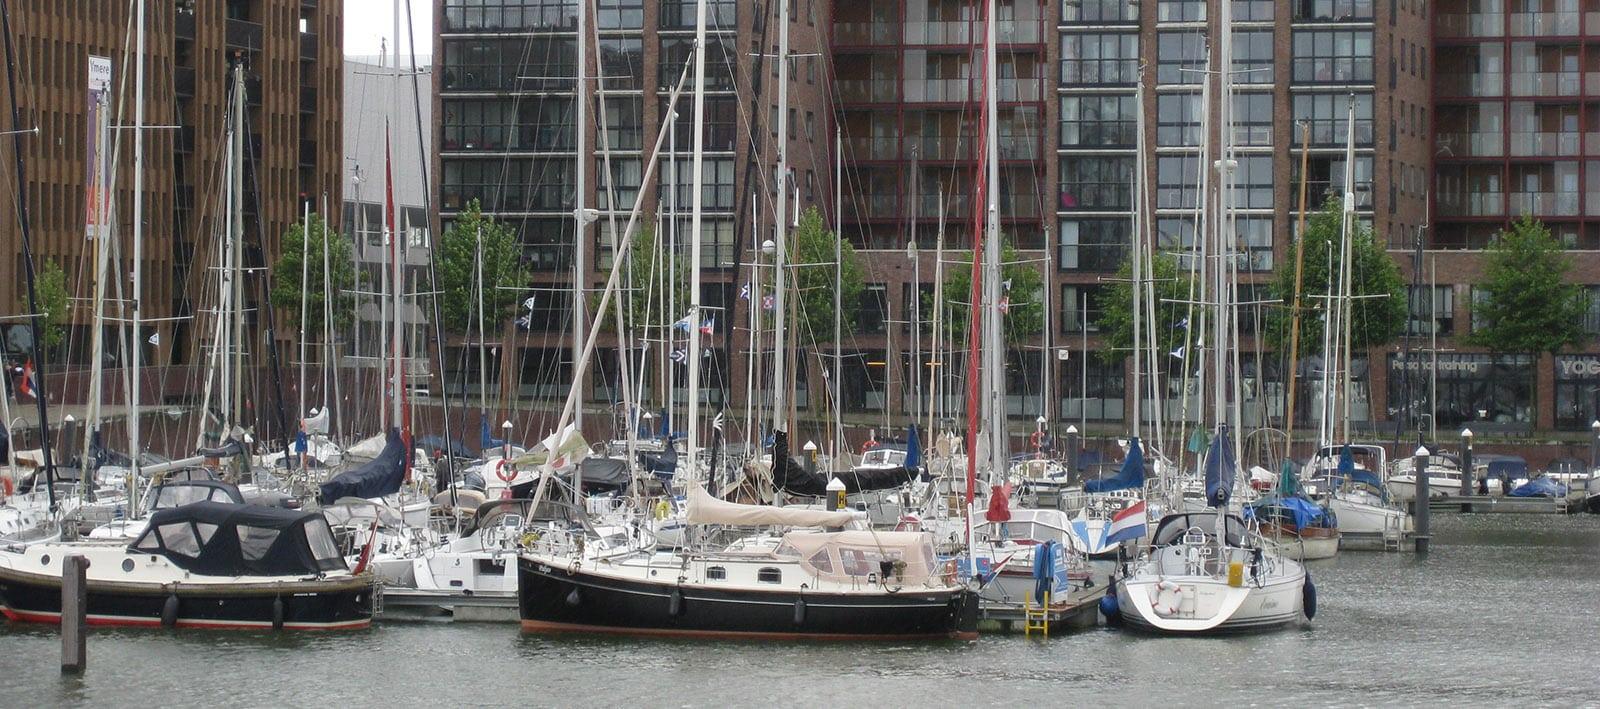 Amsterdam Ijburg Spinnen bestrijden